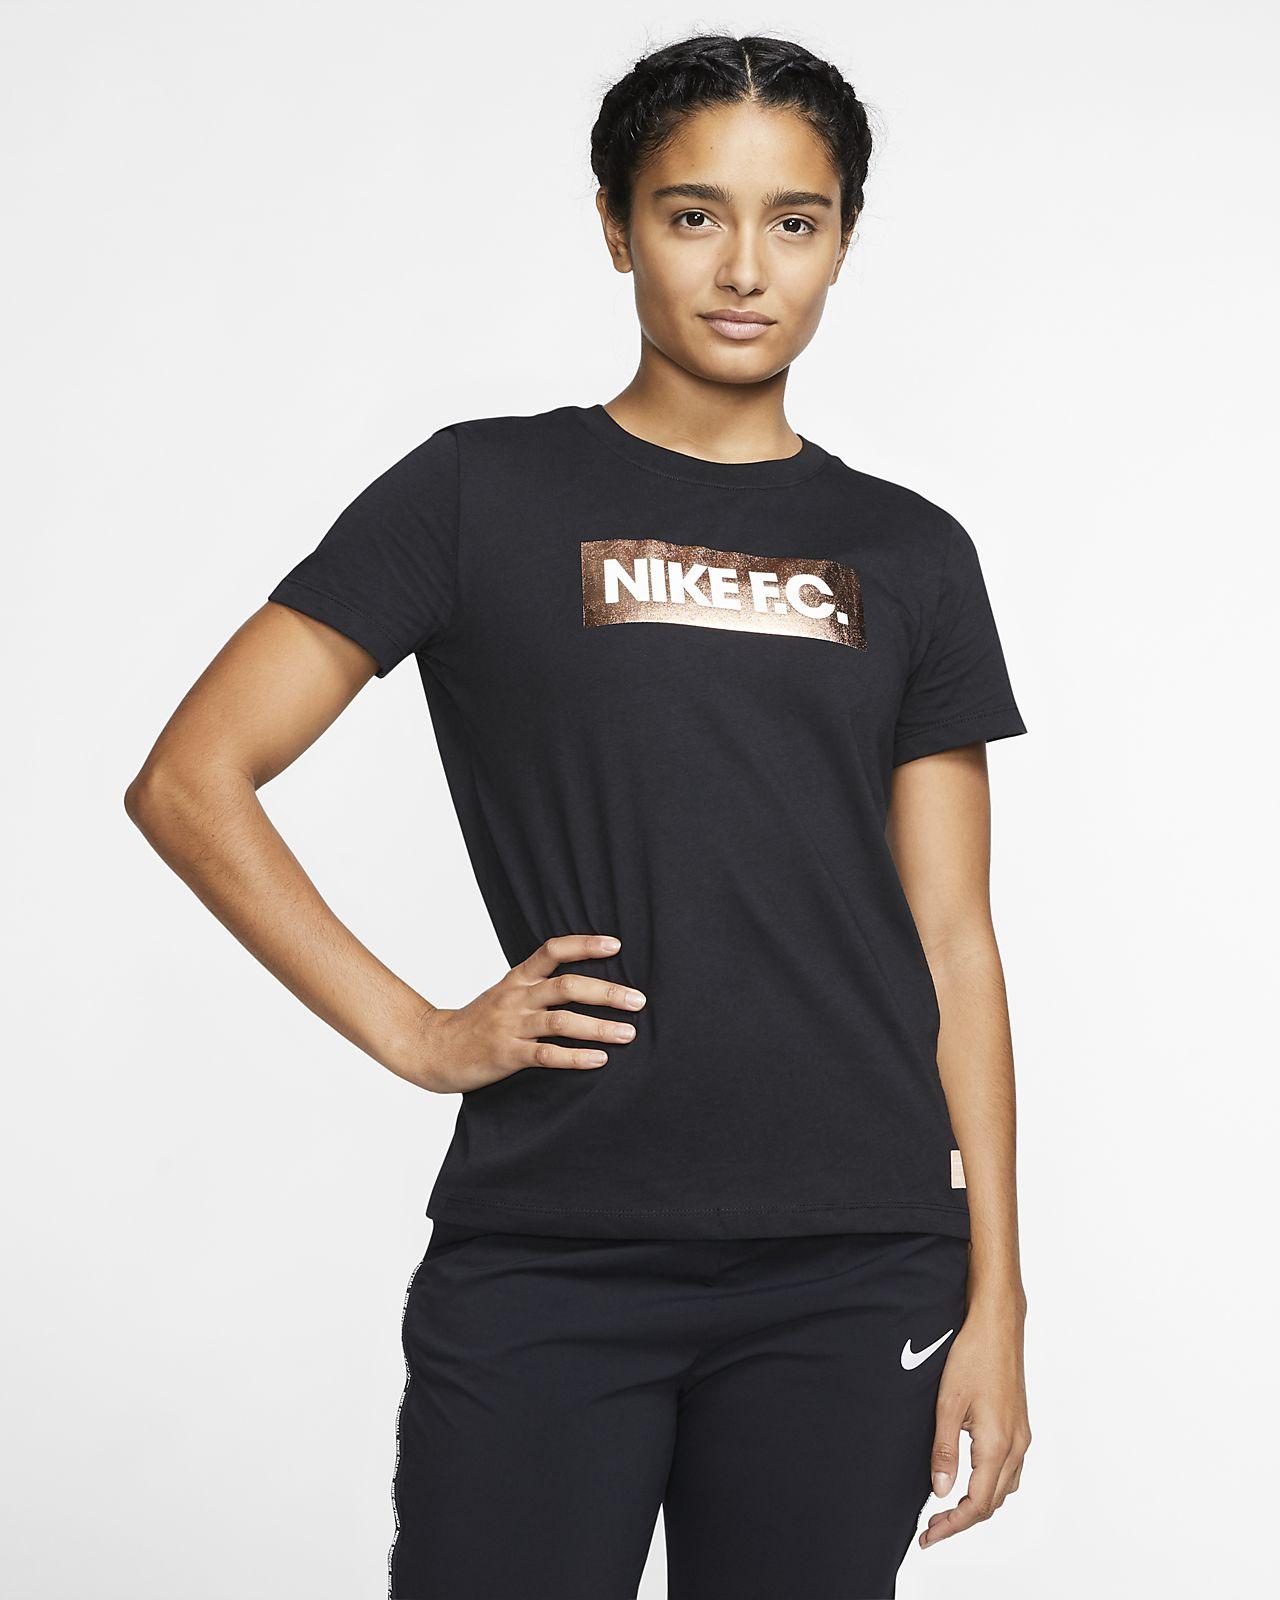 Nike F.C. női futballpóló